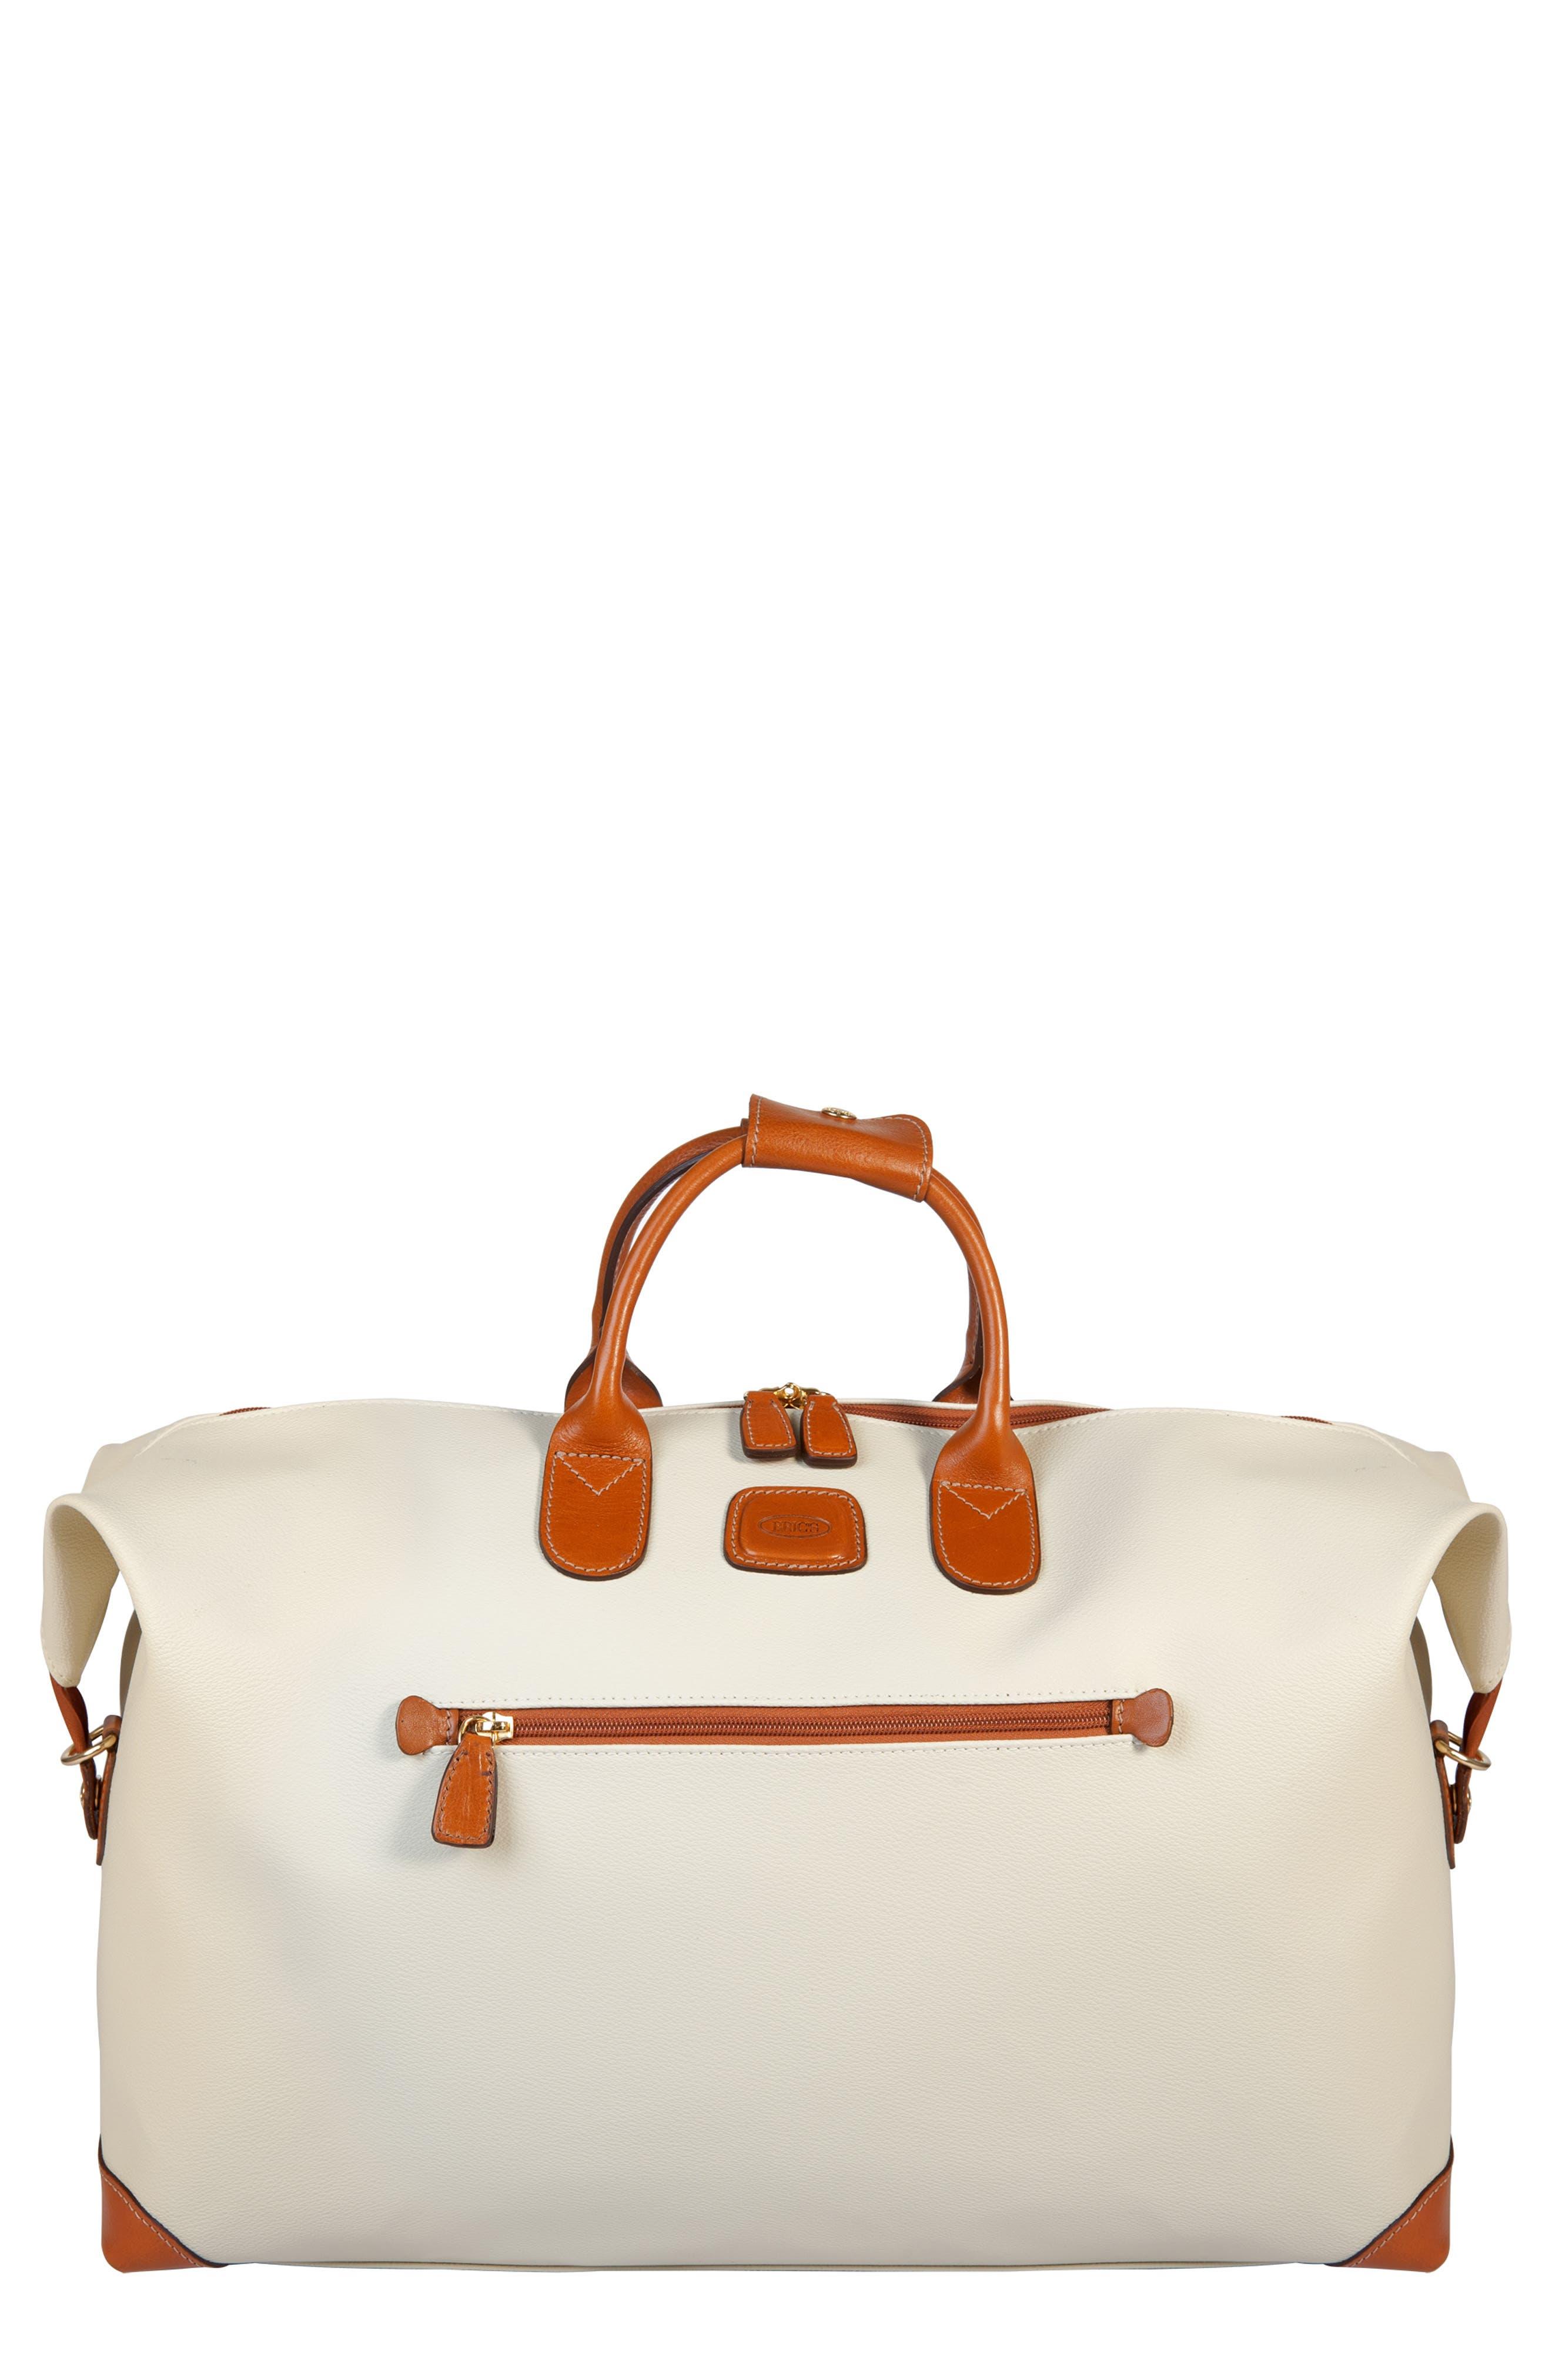 Firenze 22-Inch Cargo Duffel Bag - Beige in Cream